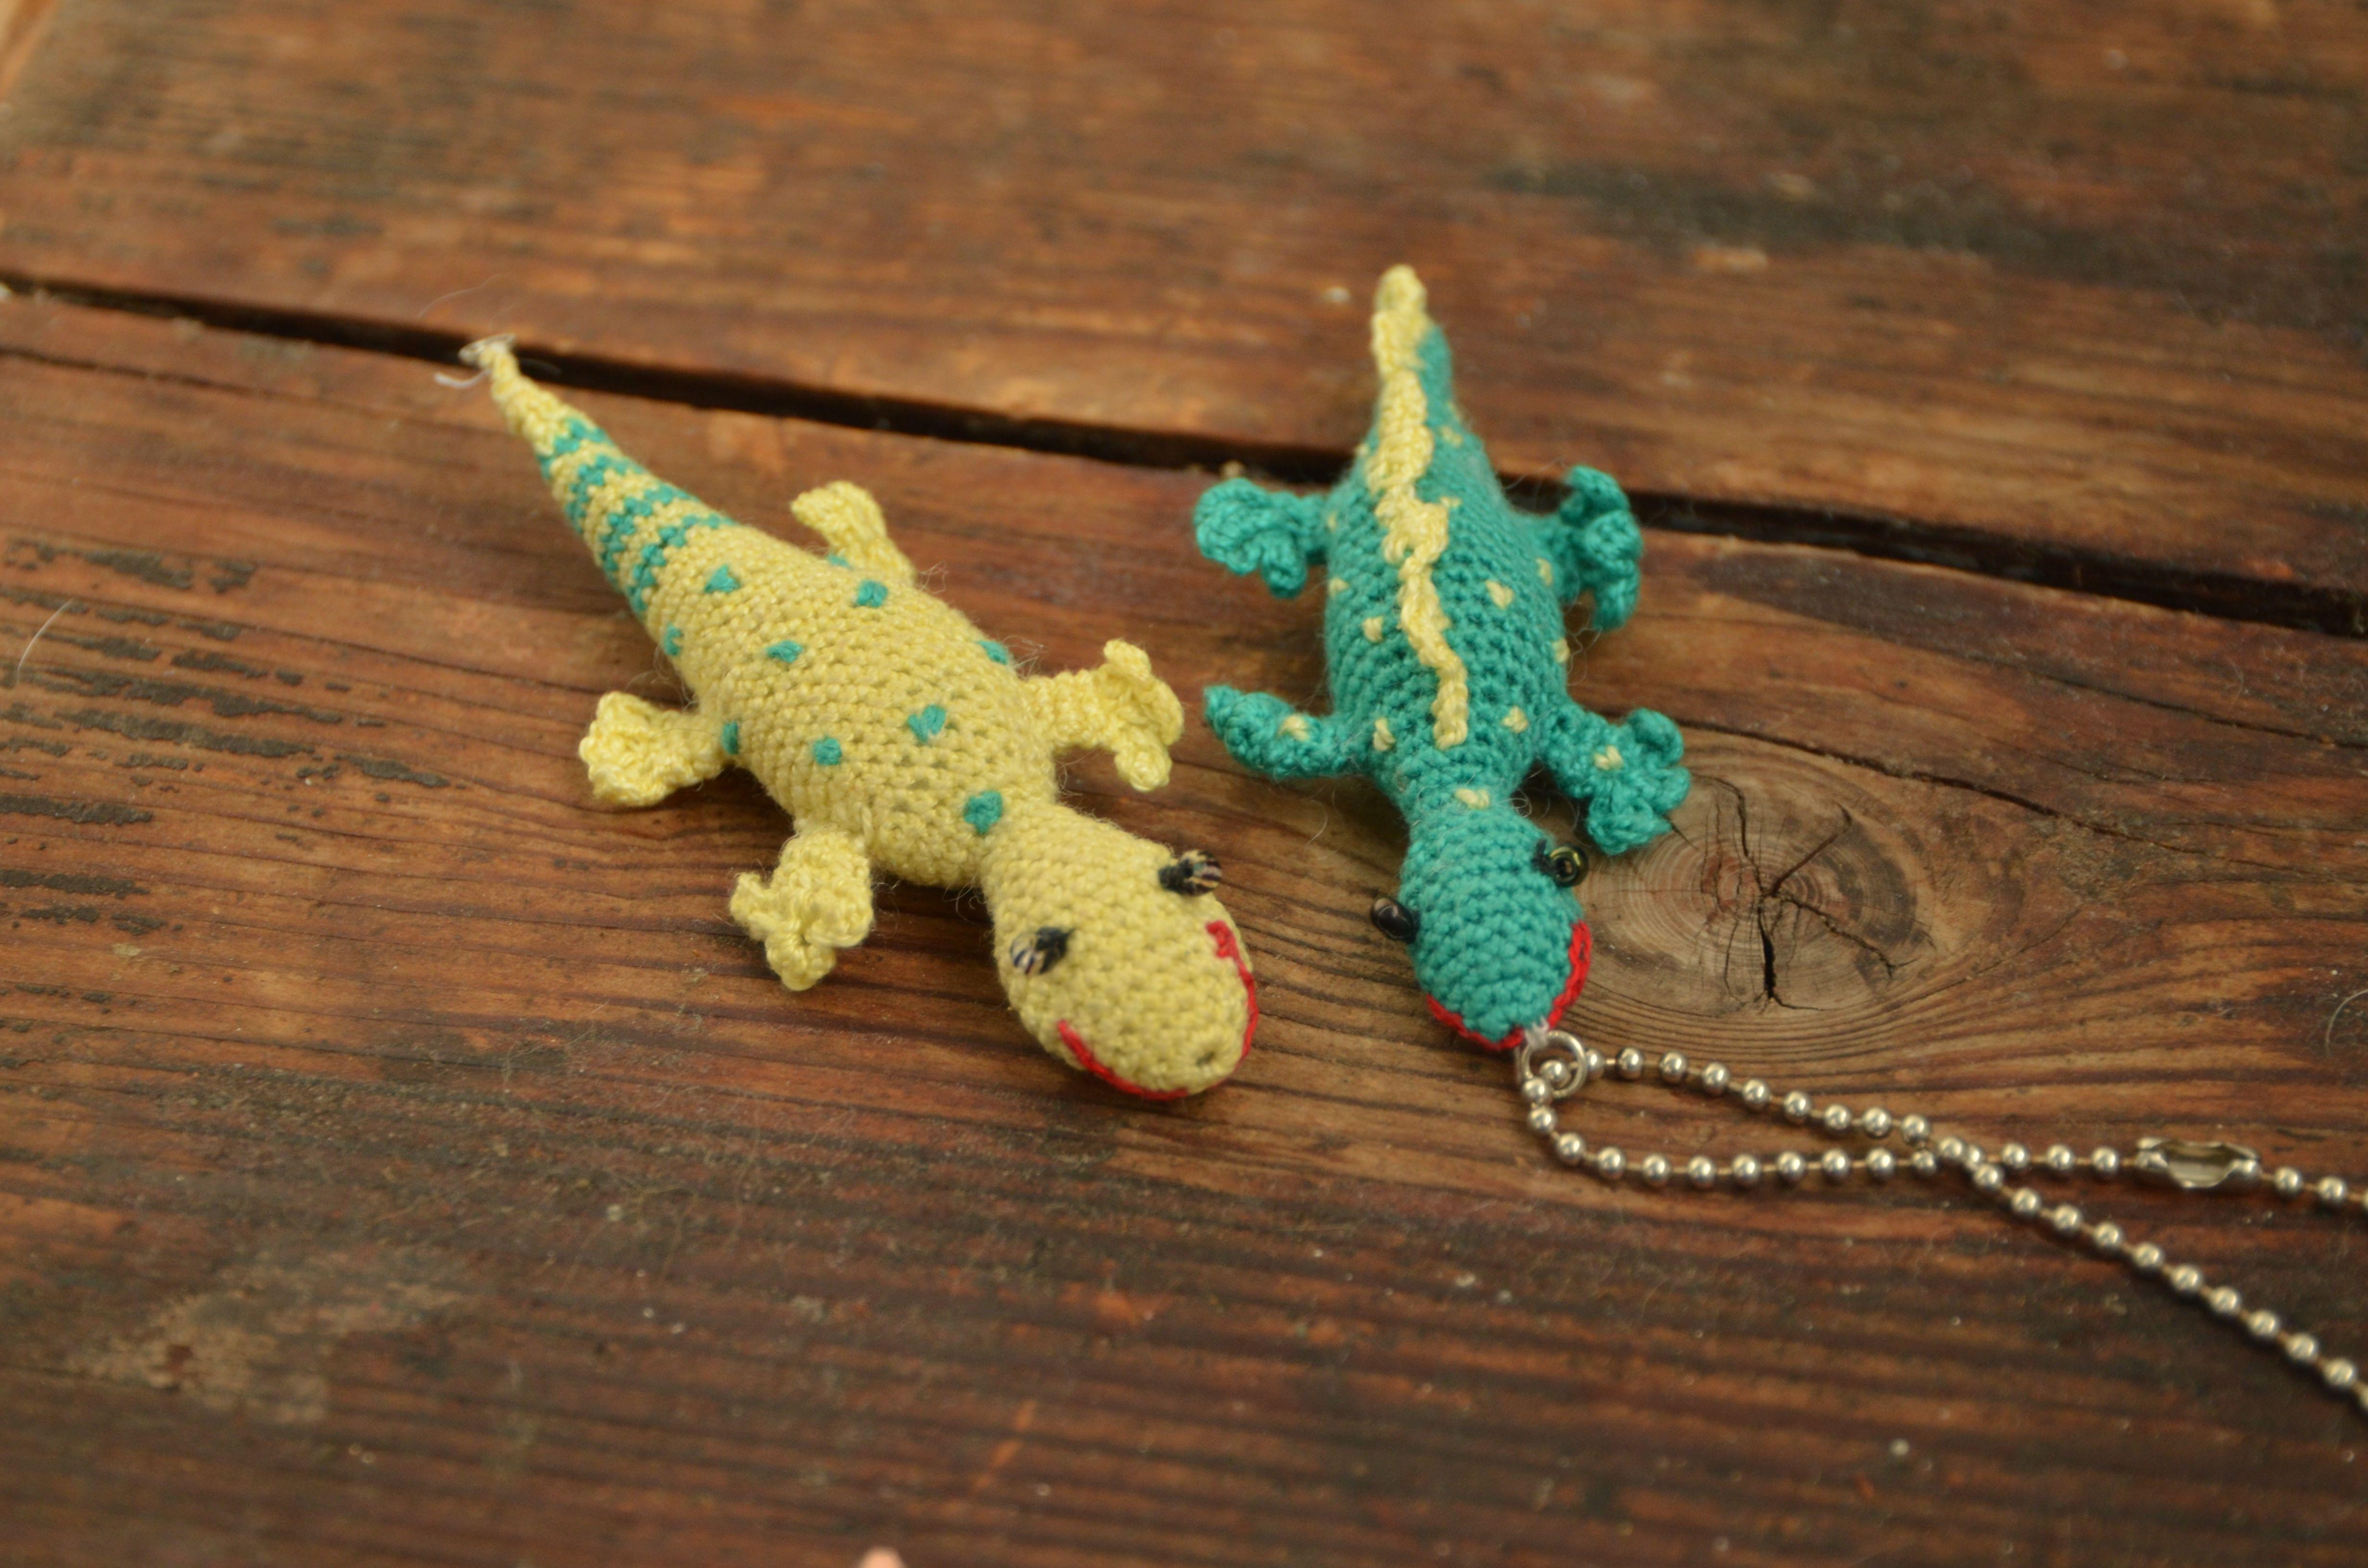 Hkovan jetrky crocheted lizards moje vci pinterest hkovan jetrky crocheted lizards bankloansurffo Images